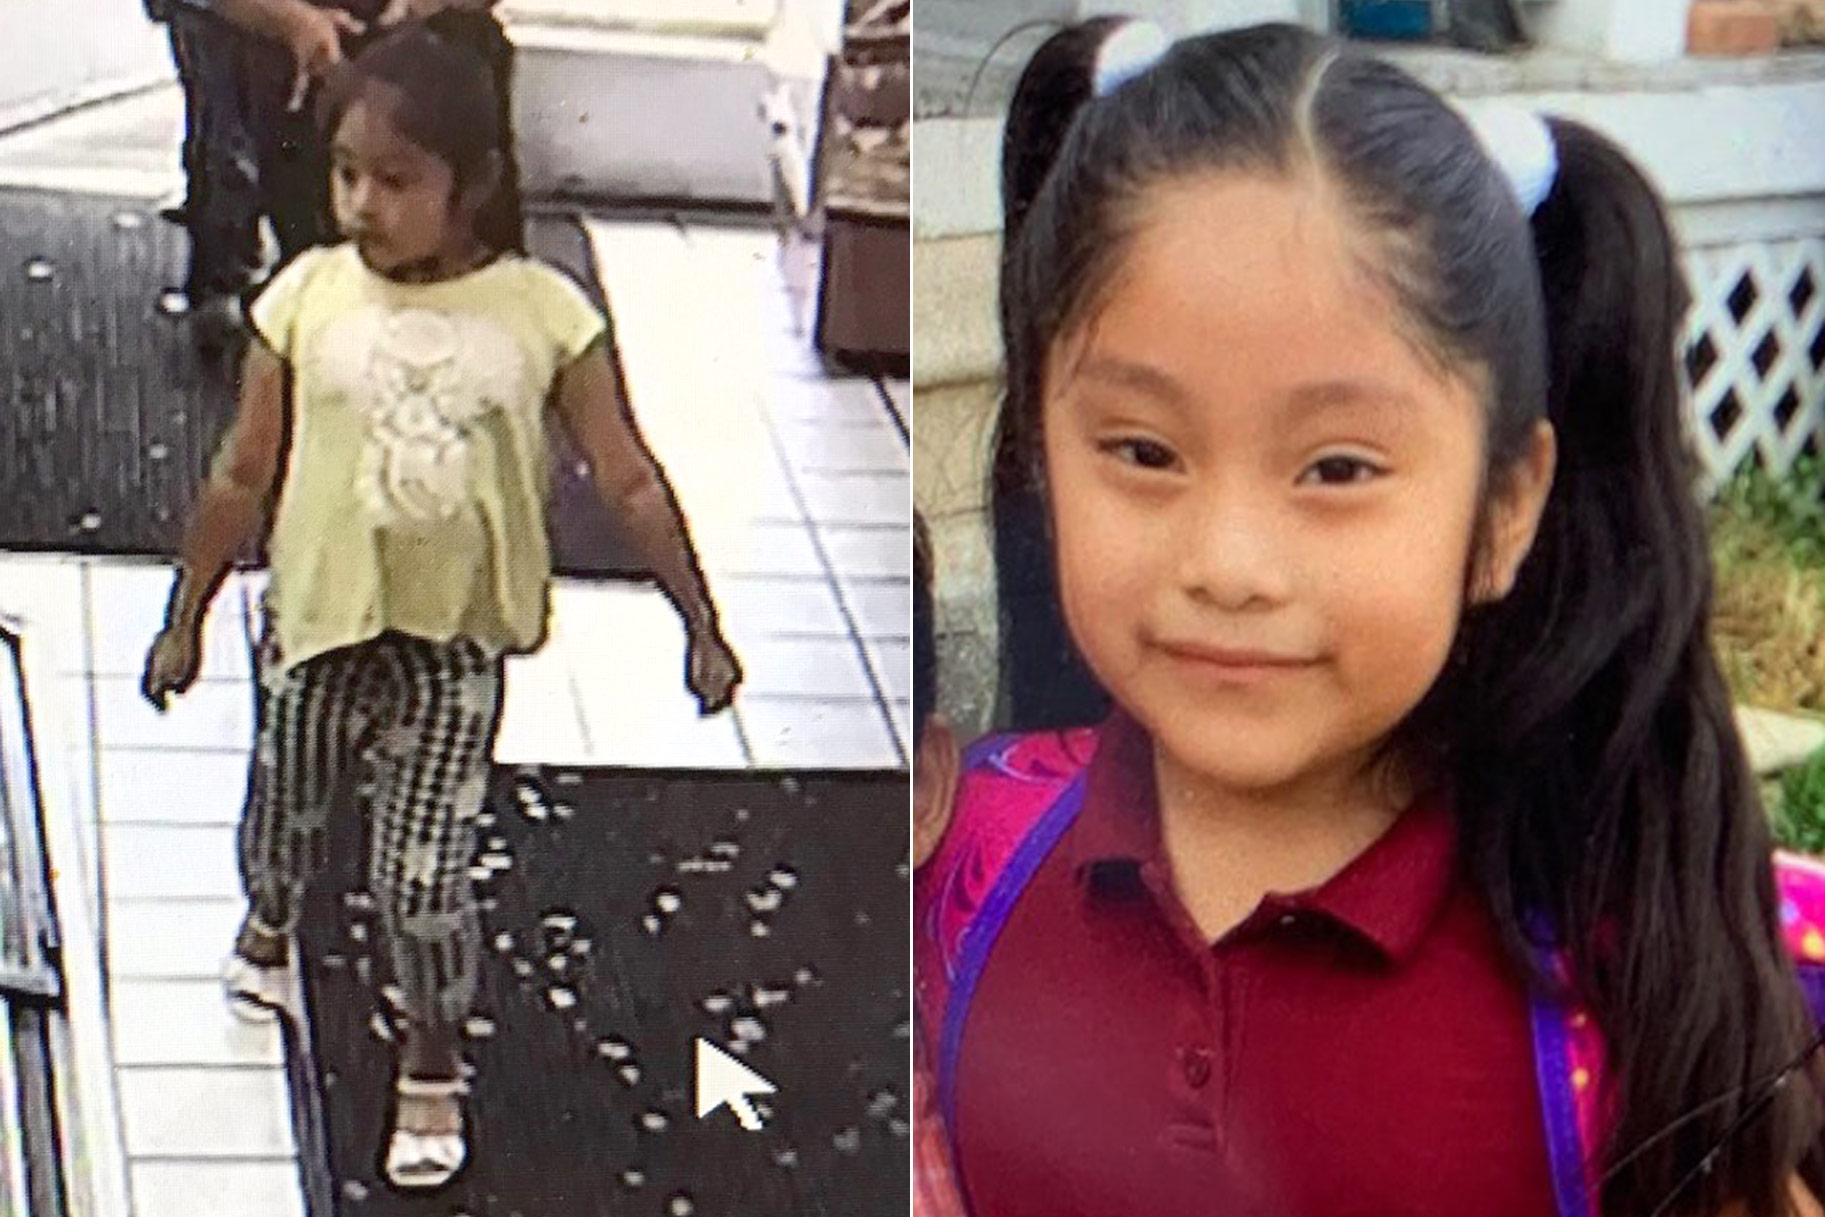 Personas en Ohio y Nueva Jersey reciben cartas crípticas que aluden a la desaparecida Dulce Alavez